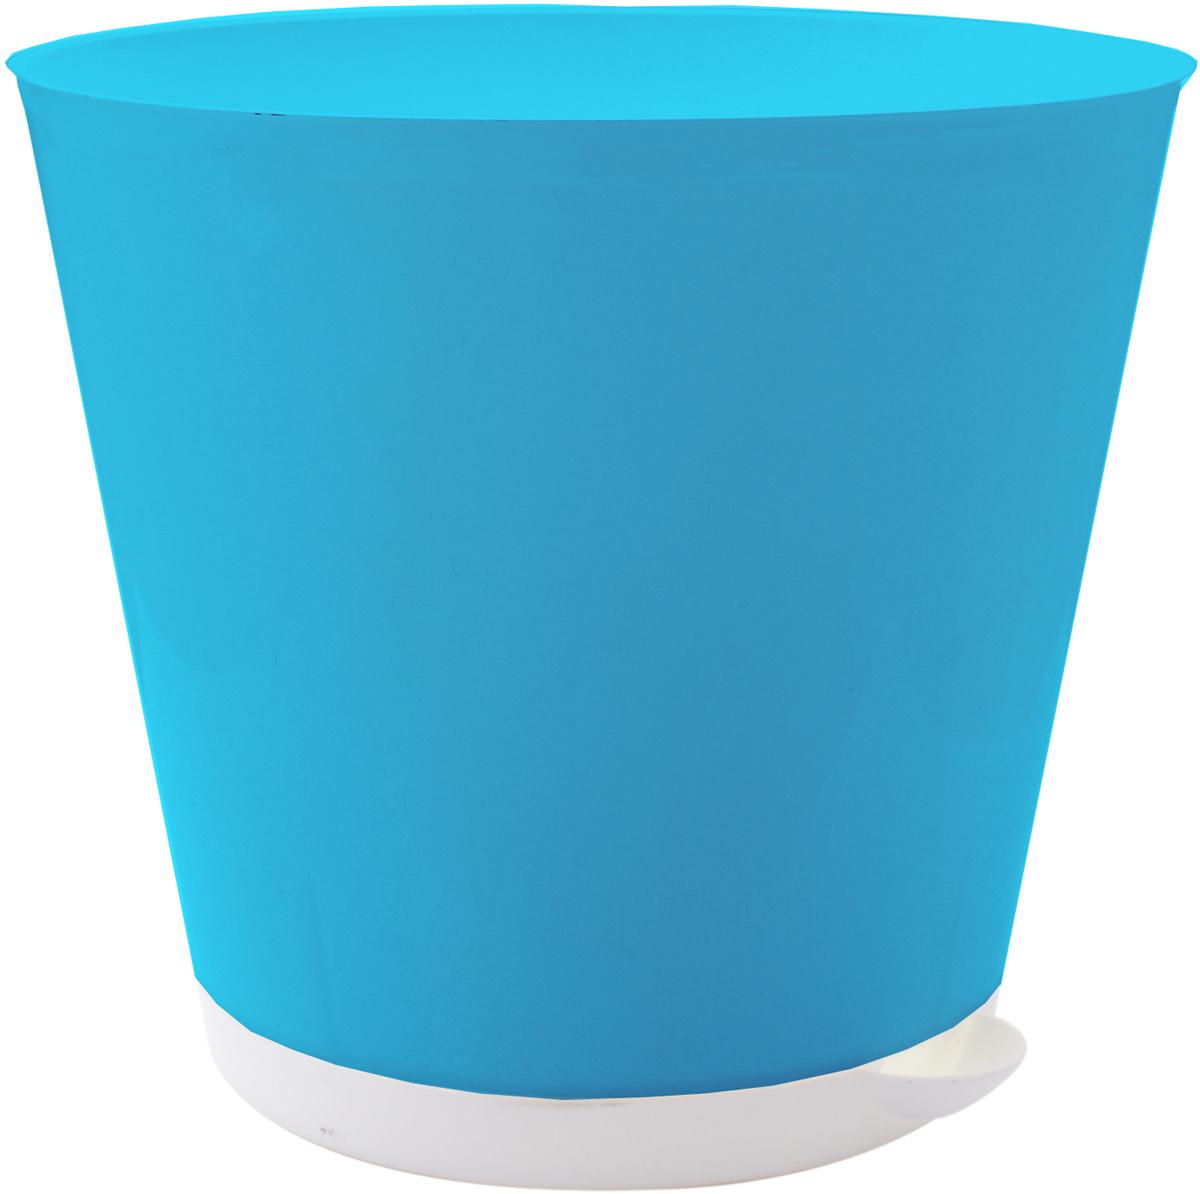 Горшок для цветов InGreen Крит, с системой прикорневого полива, диаметр 12 смING46012СВСН-16РSГоршок InGreen Крит, выполненный из высококачественного пластика, предназначен для выращивания комнатных цветов, растений и трав. Специальная конструкция обеспечивает вентиляцию в корневой системе растения, а дренажные отверстия позволяют выходить лишней влаге из почвы. Крепежные отверстия и штыри прочно крепят подставку к горшку. Прикорневой полив растения осуществляется через удобный носик. Система прикорневого полива позволяет оставлять комнатное растение без внимания тем, кто часто находится в командировках или собирается в отпуск и не имеет возможности вовремя поливать цветы. Такой горшок порадует вас современным дизайном и функциональностью, а также оригинально украсит интерьер любого помещения. Диаметр горшка (по верхнему краю): 20 см. Высота горшка: 11,2 см. .